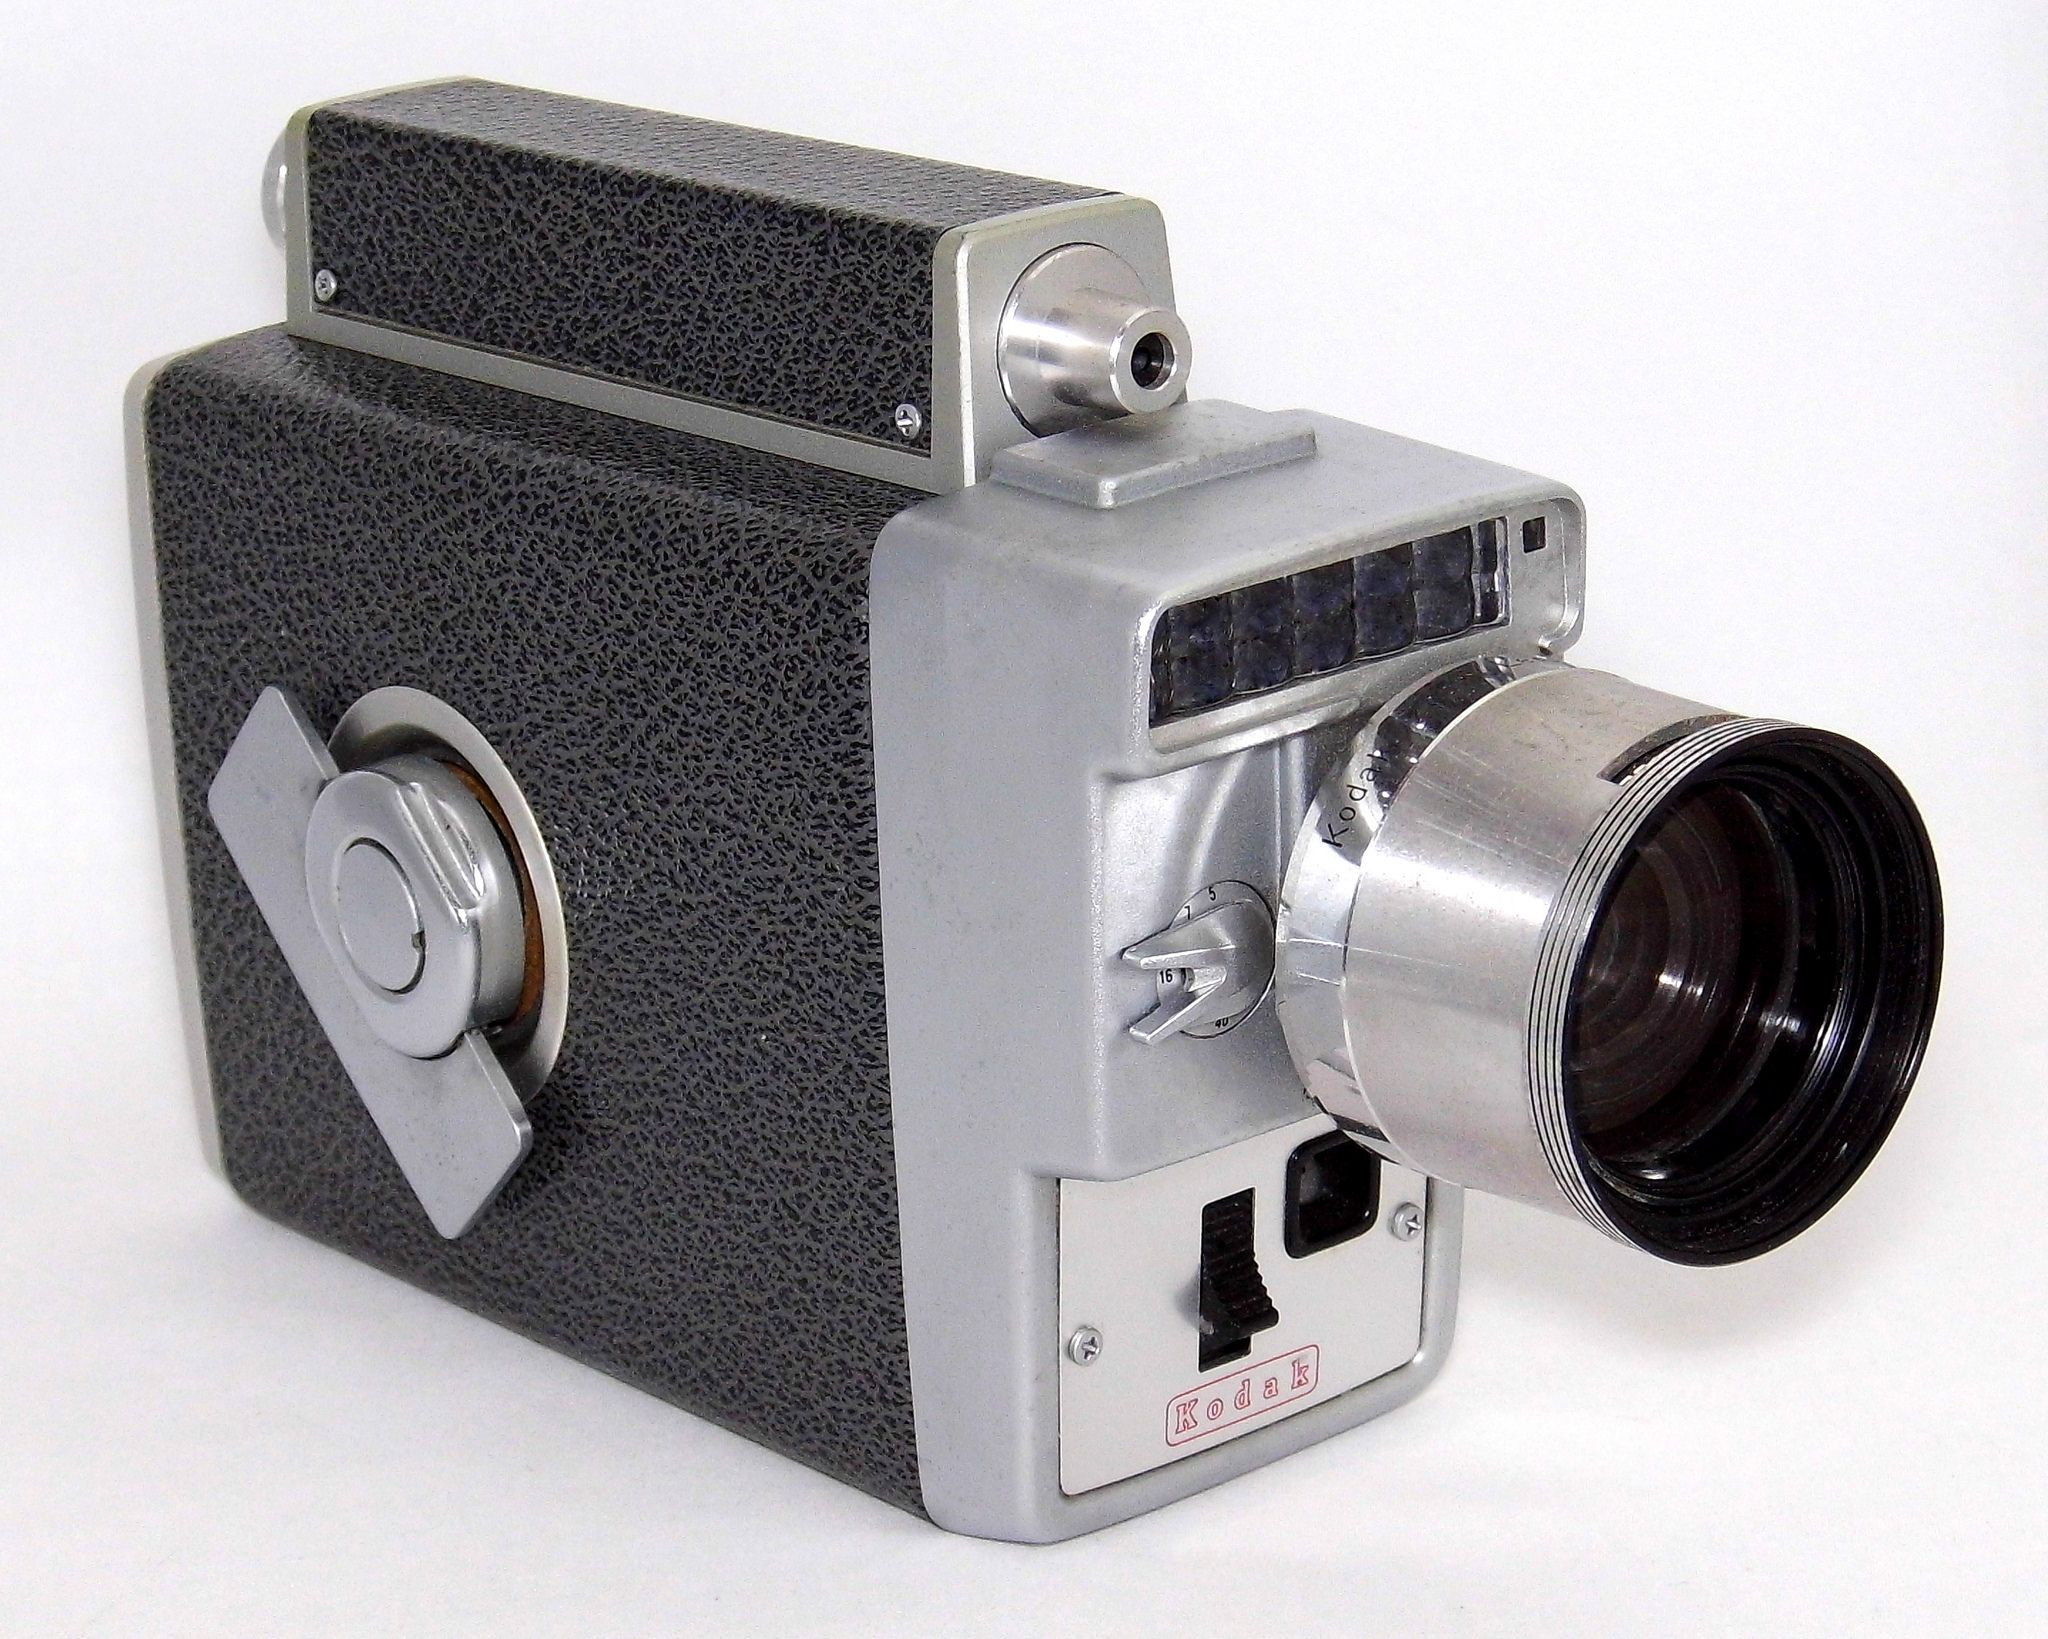 Film camera cheap cheap electric tile cutter